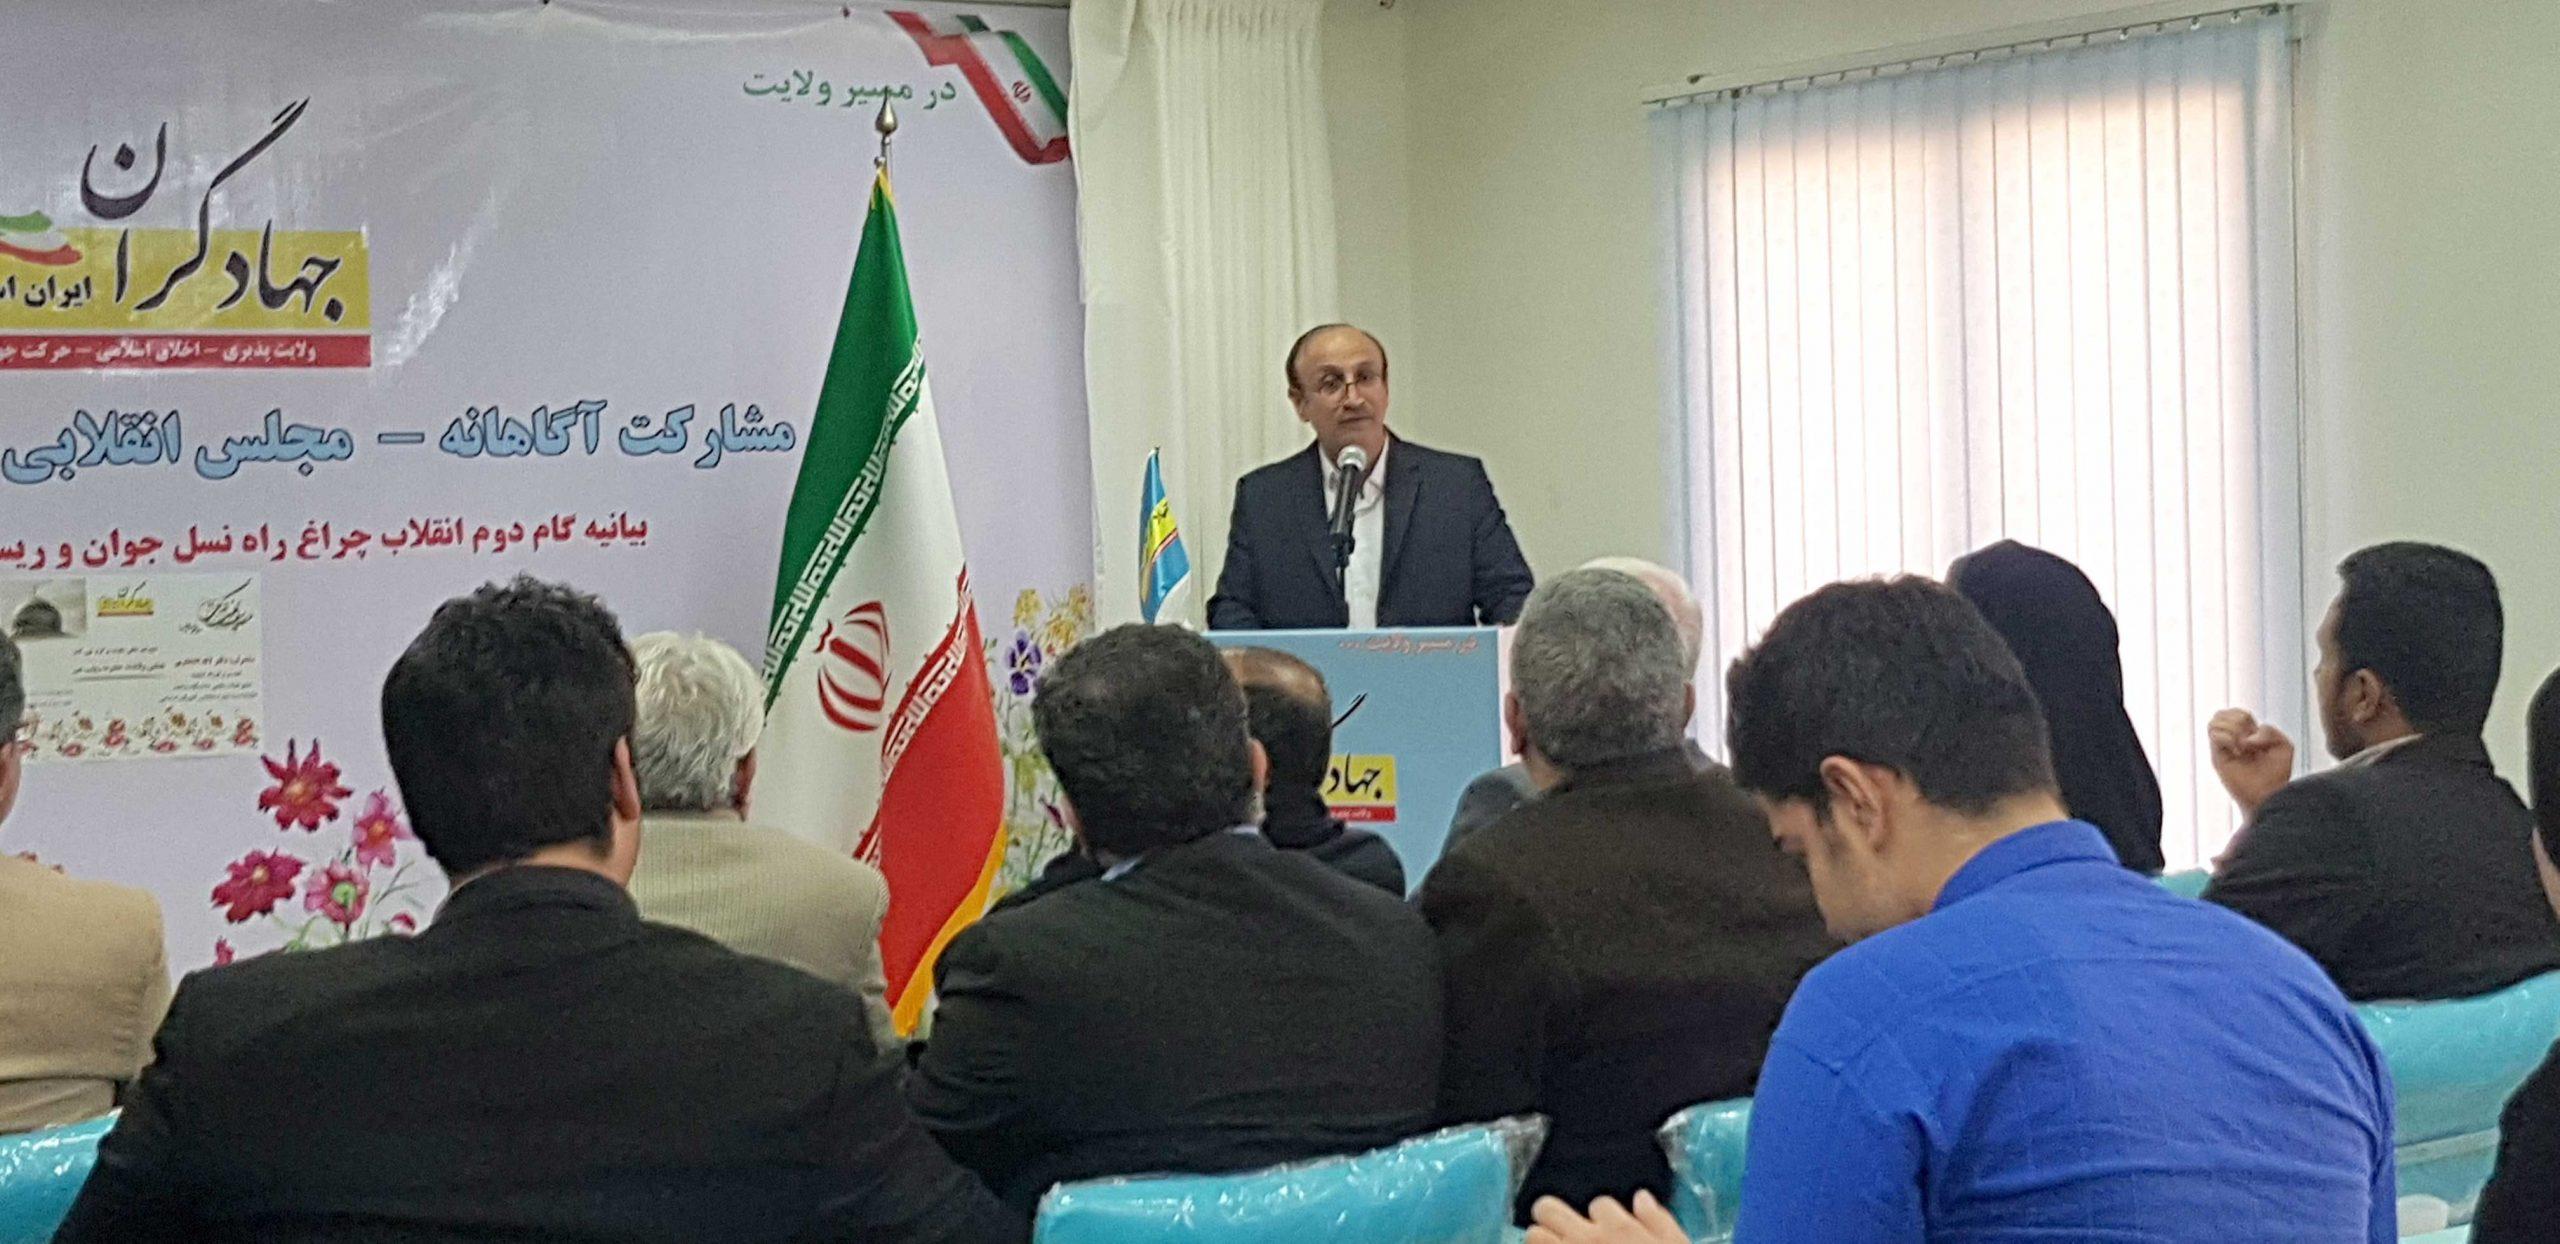 بهنام ملکی جلسه جهادگران ایران